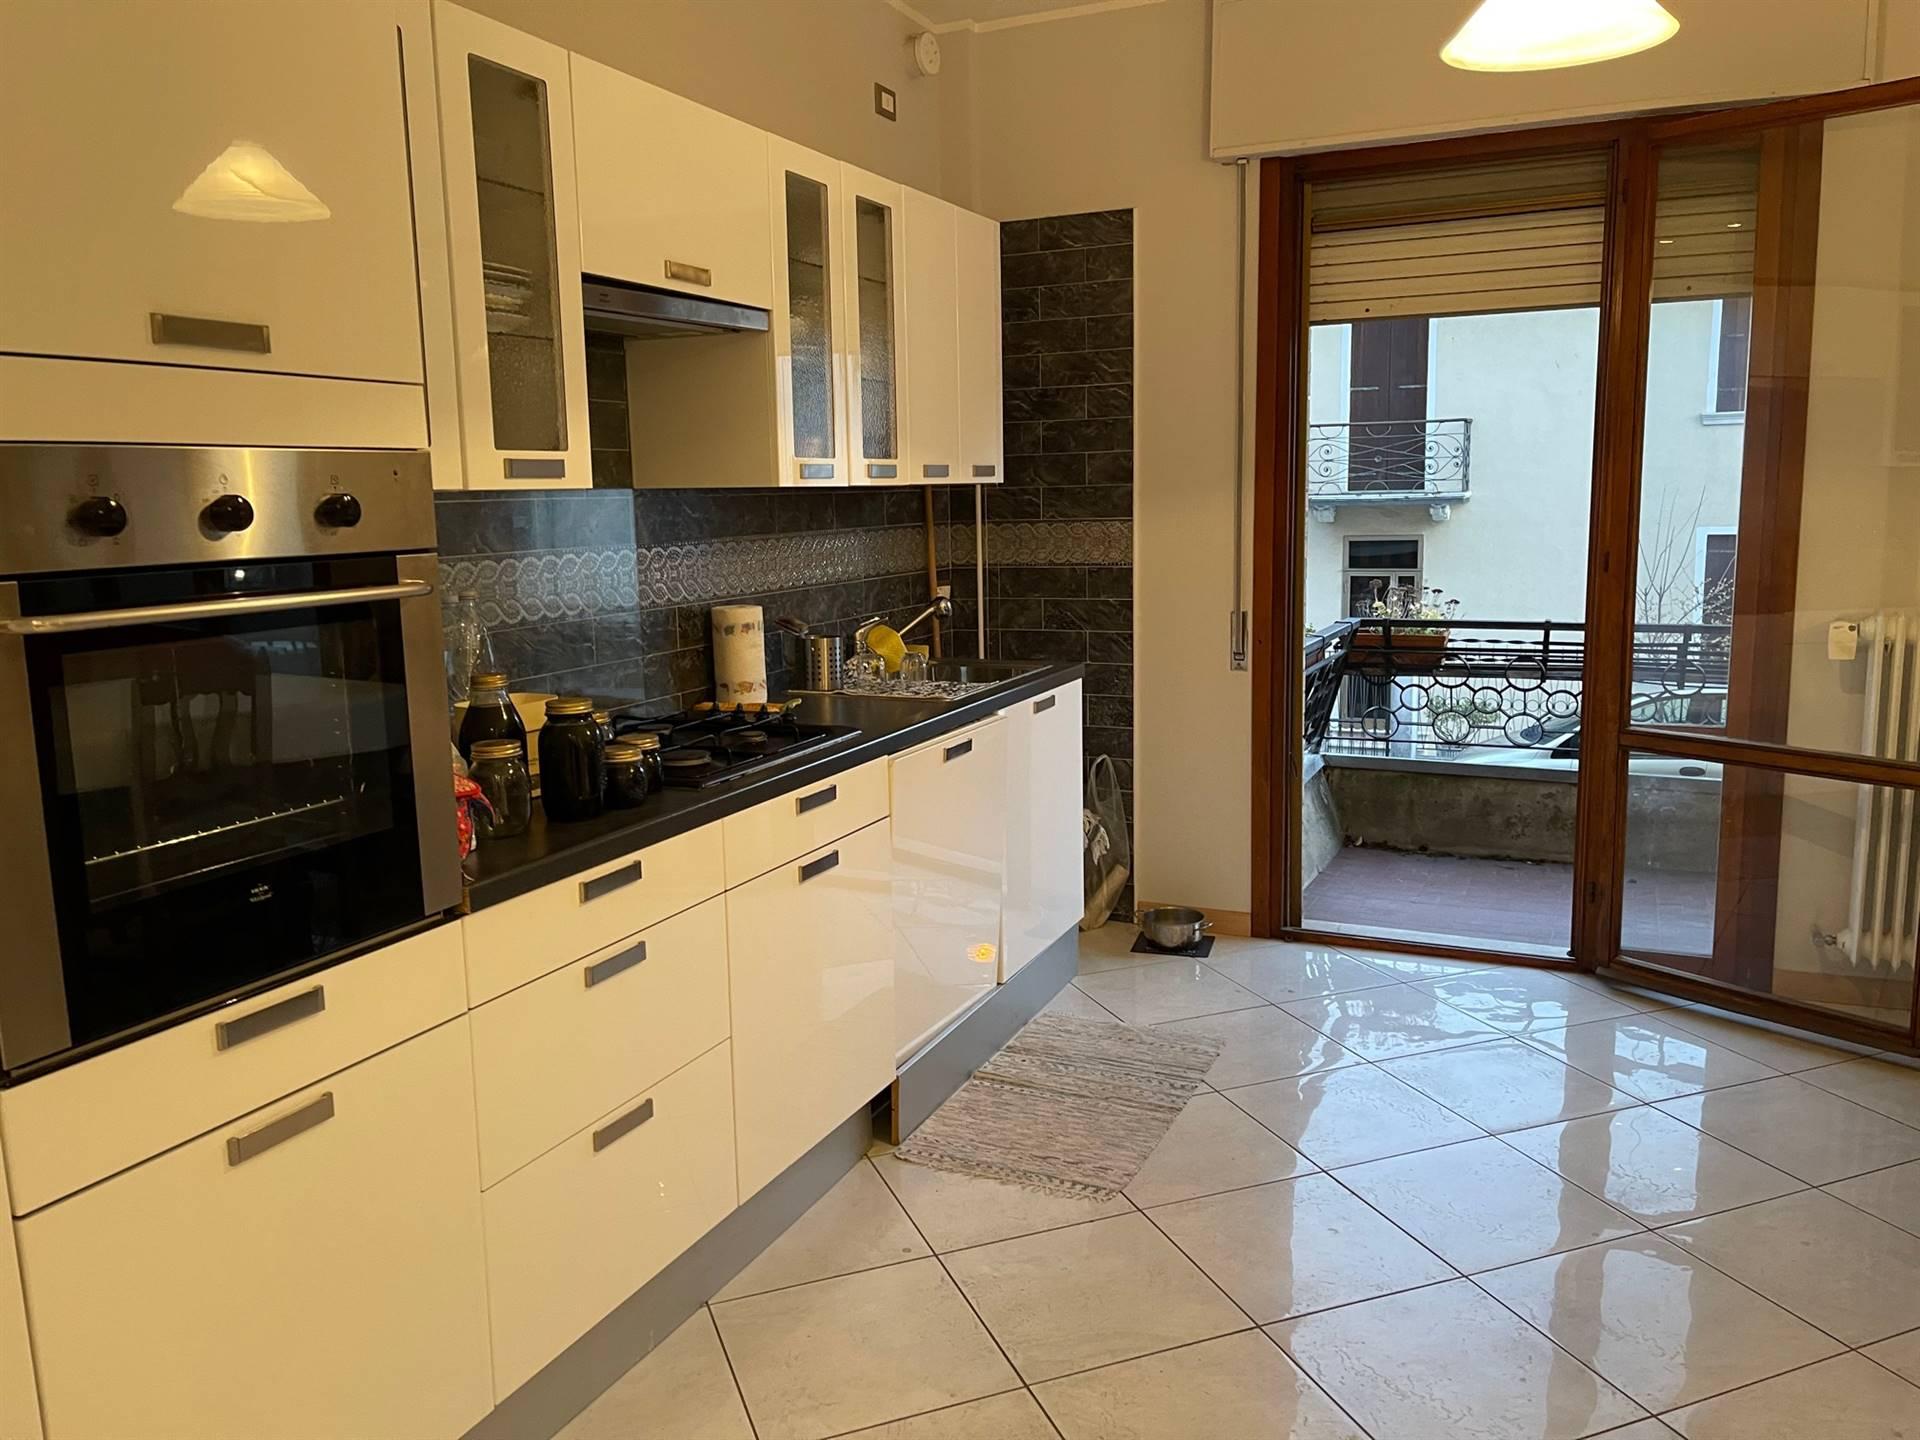 cucina abitabile appartamento Mestre primo piano